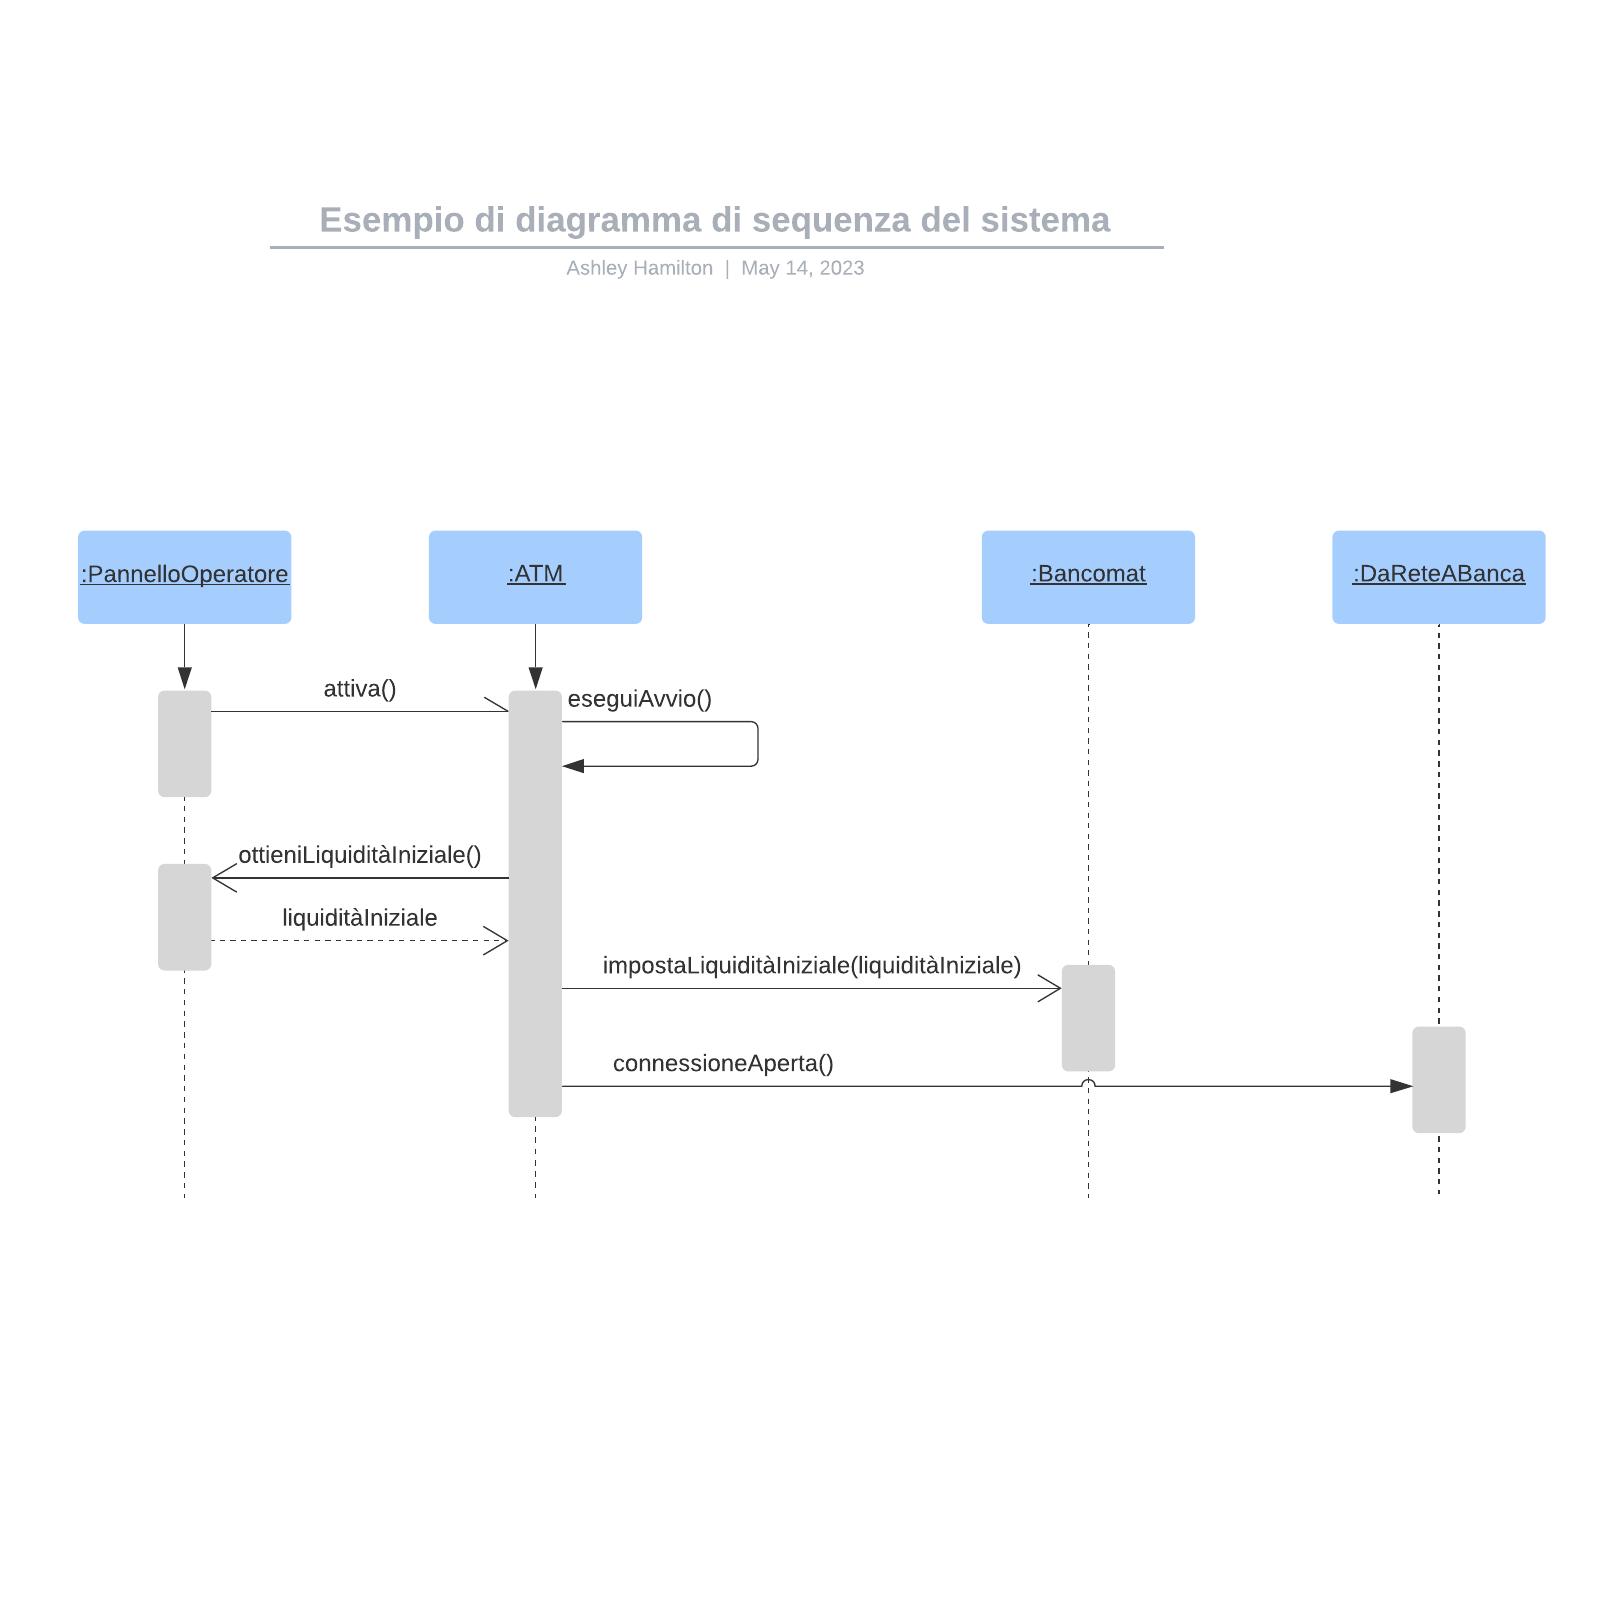 Esempio di diagramma di sequenza del sistema